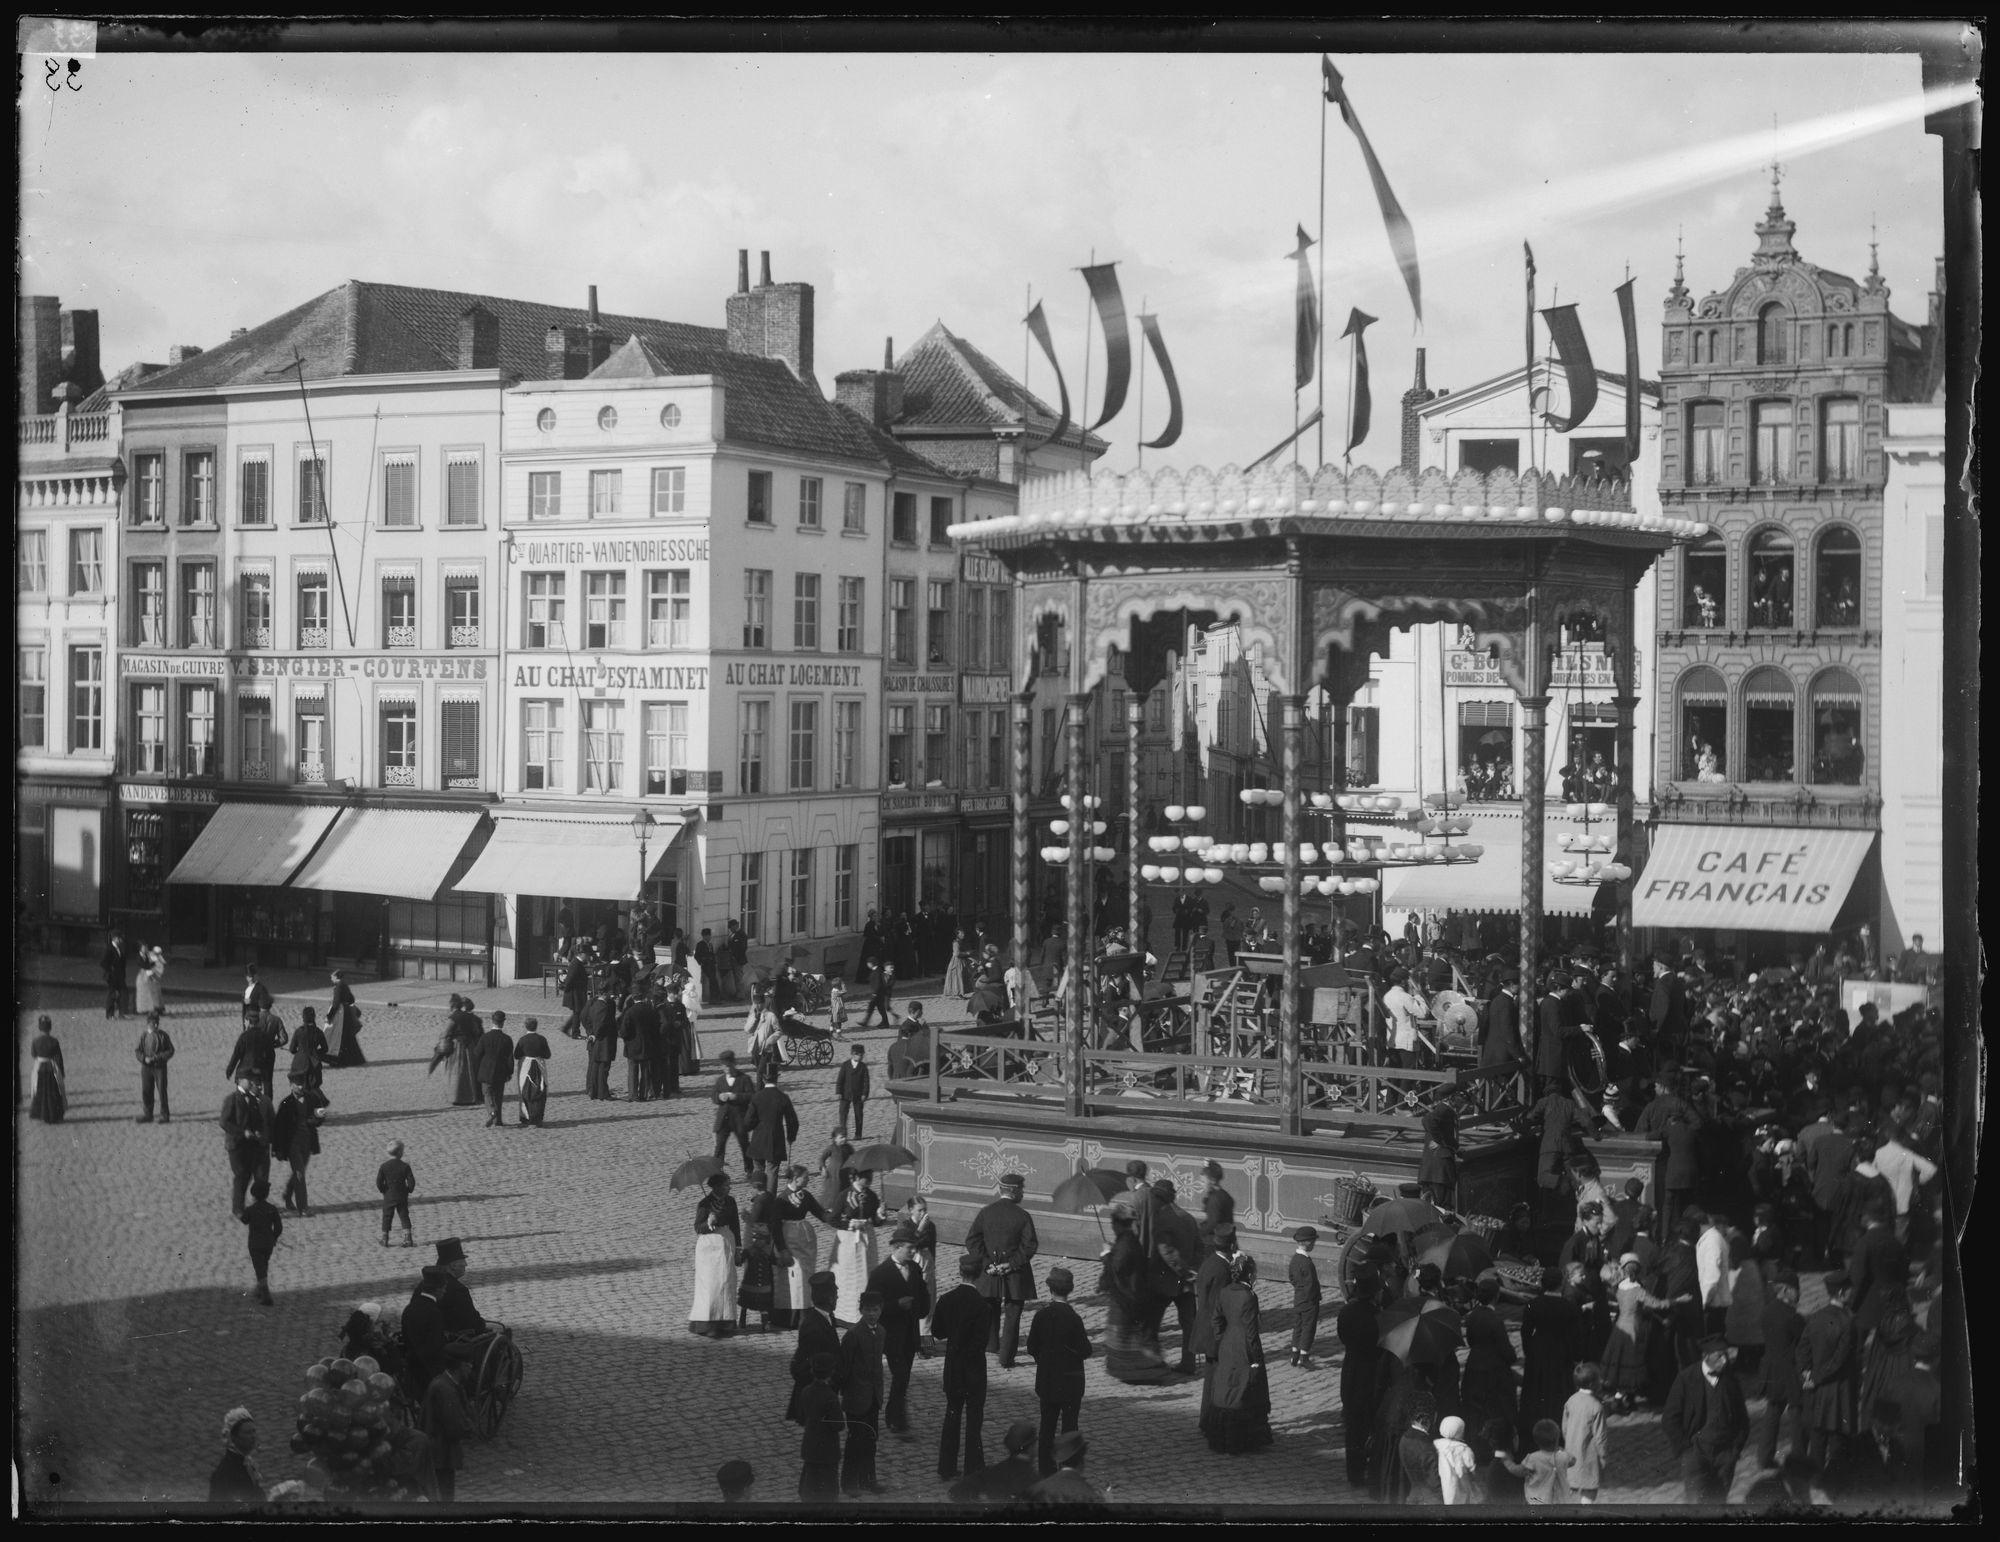 Turnfeest op de Grote Markt in 1882